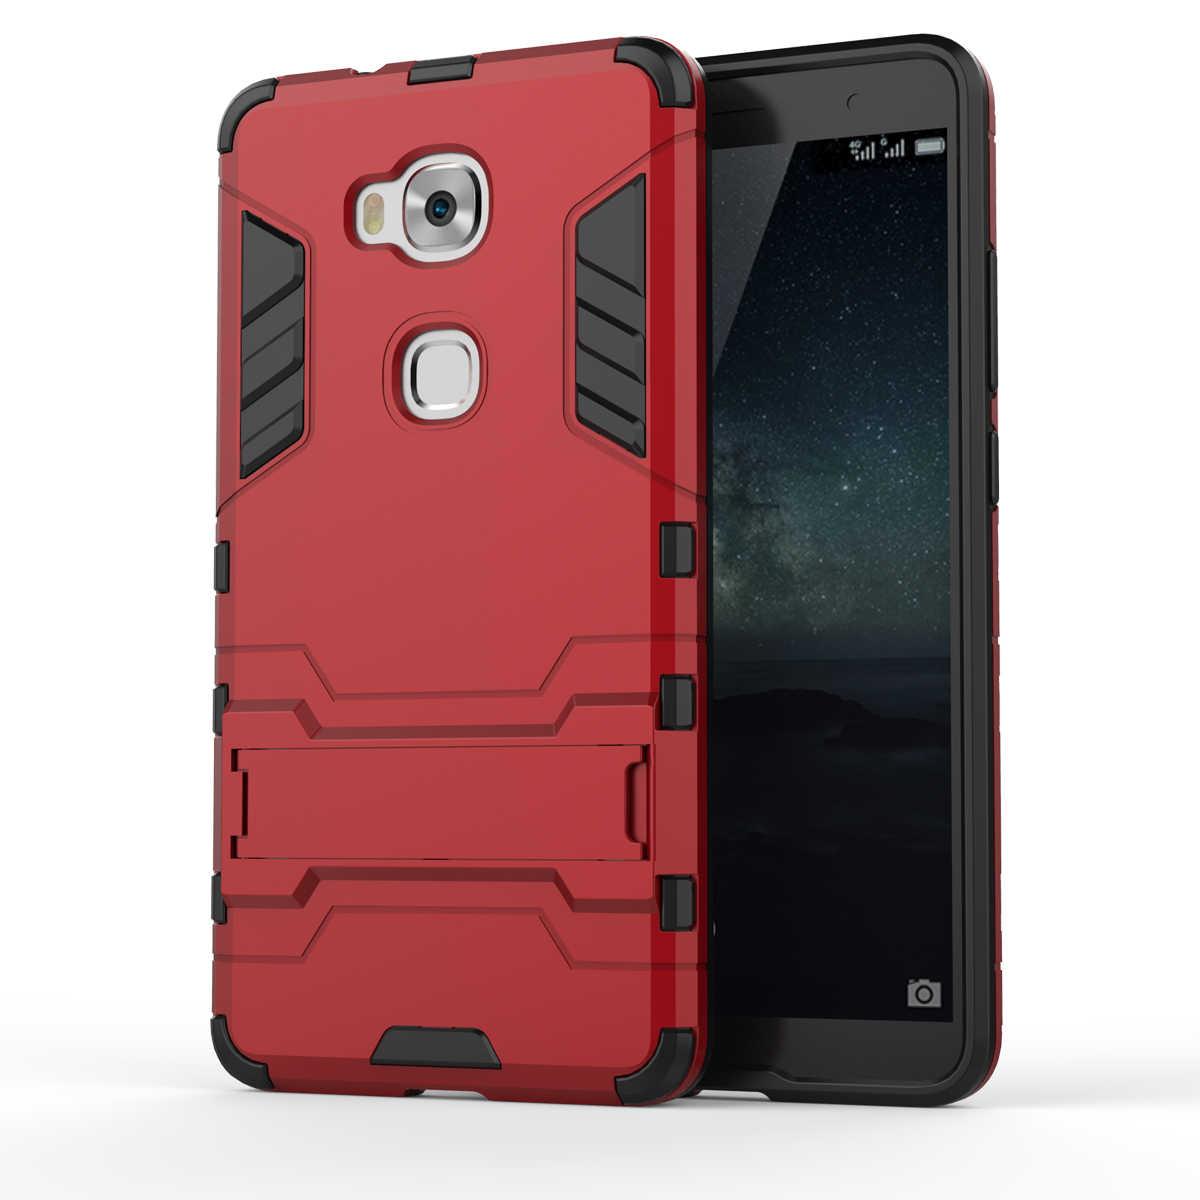 Armatura di Caso Per Huawei Honor 5X Heavy Duty Hybrid Hard morbido Robusta Gomma di Silicone Caso Della Copertura Del Telefono Coque con il Basamento funzione (<